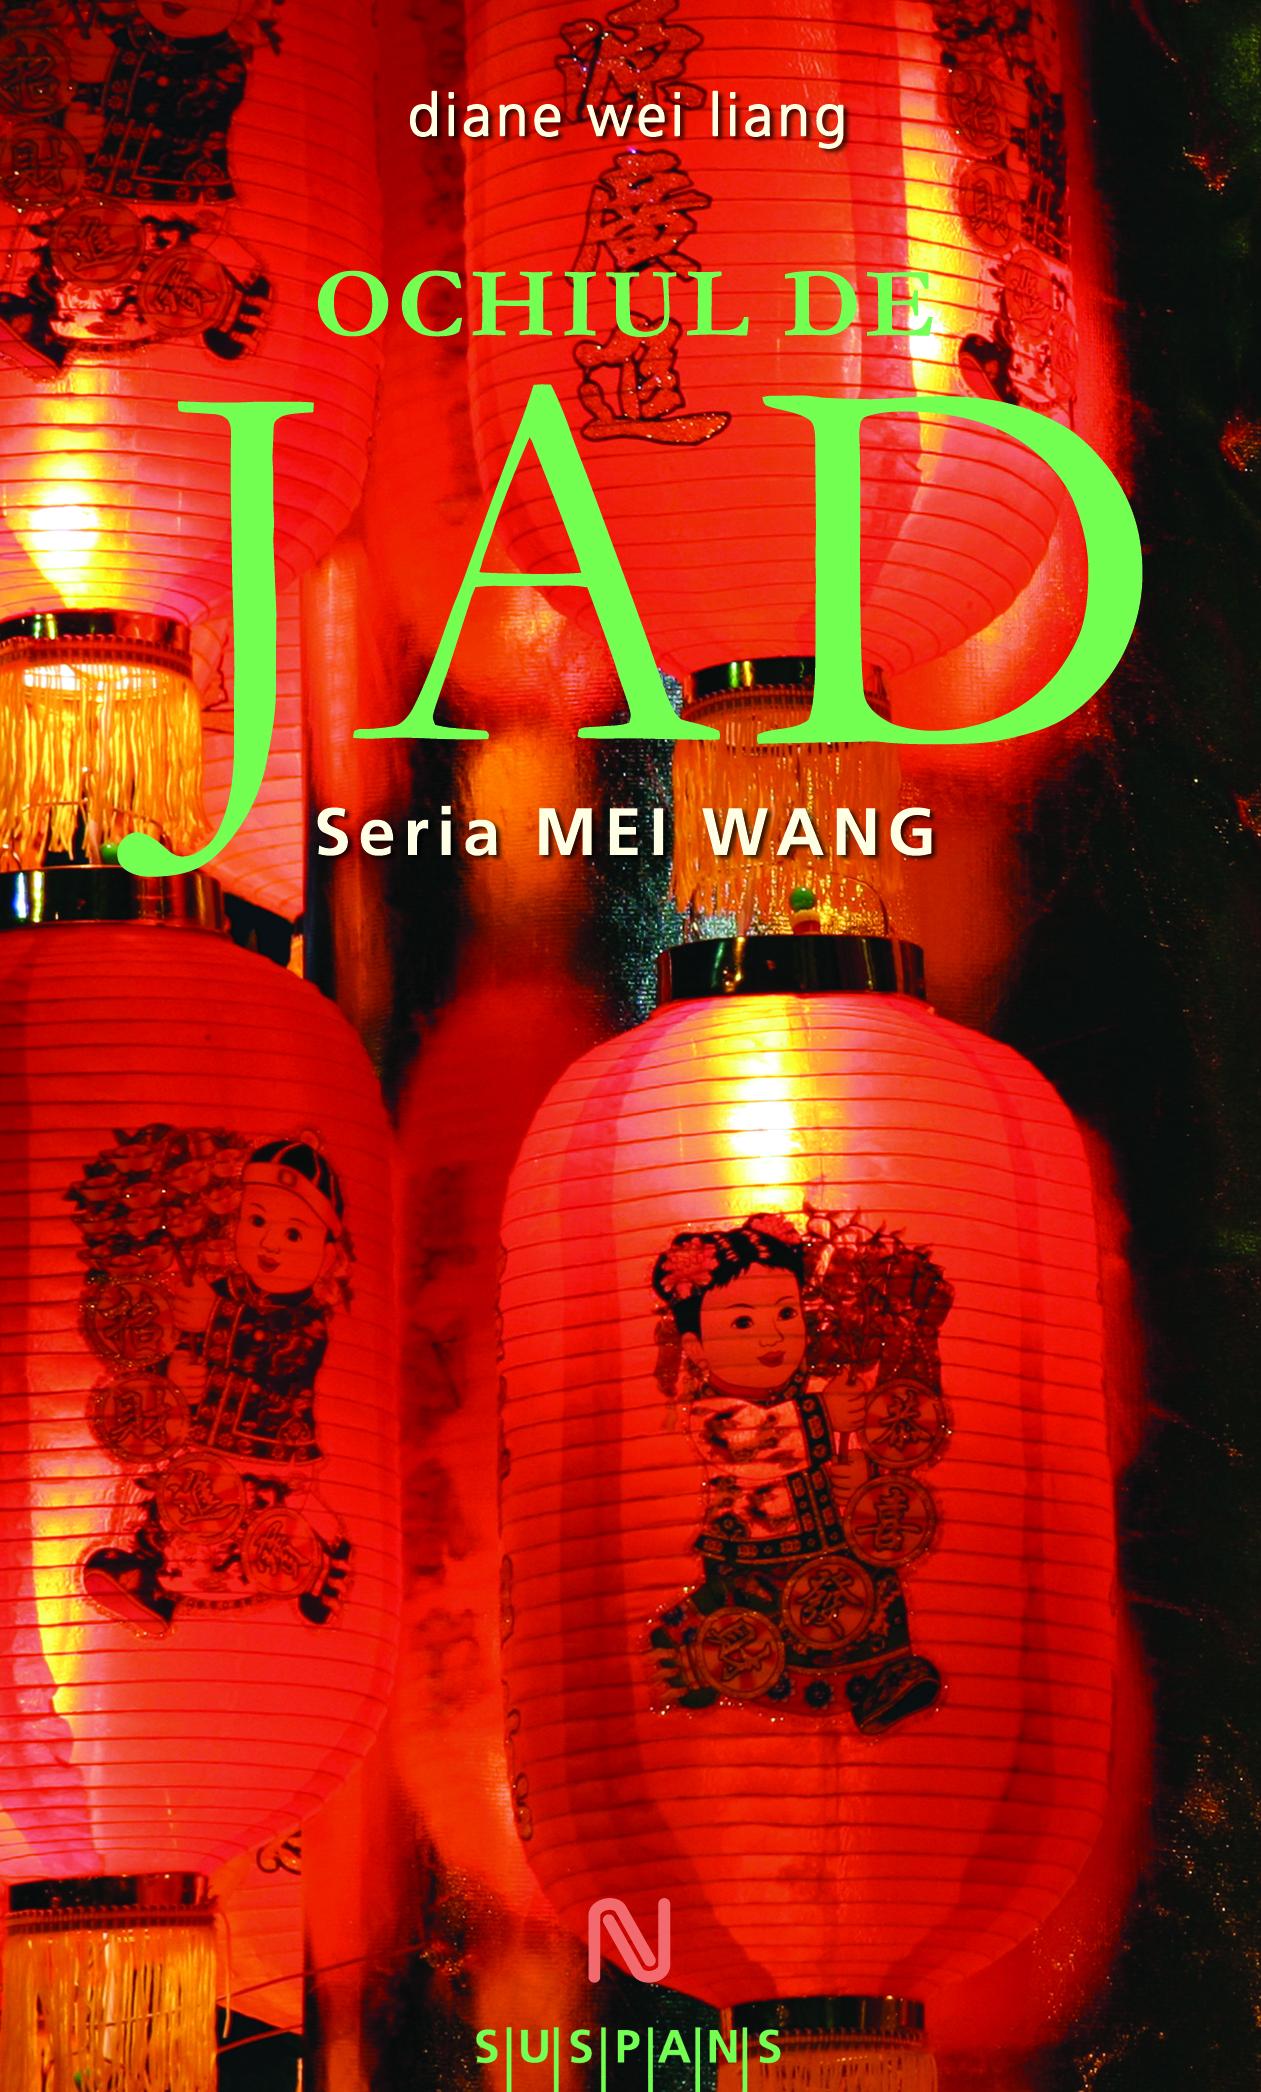 diane-wei-liang_ochiul-de-jad-2